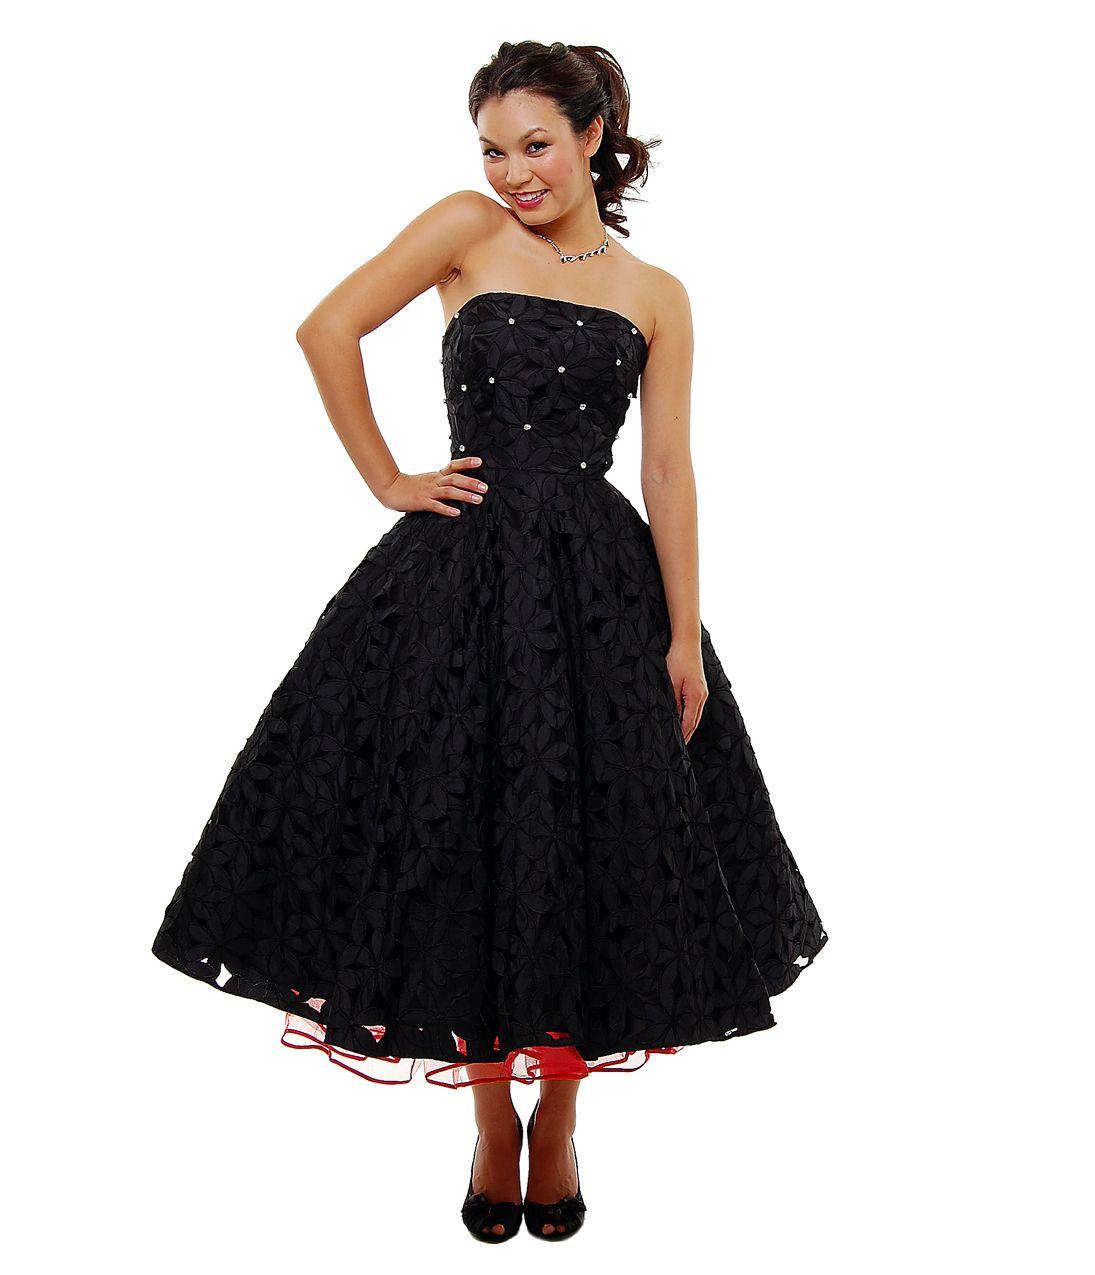 Pinup Prom Dresses Fabulous Holiday Dresses Unique Vintage Blog ...